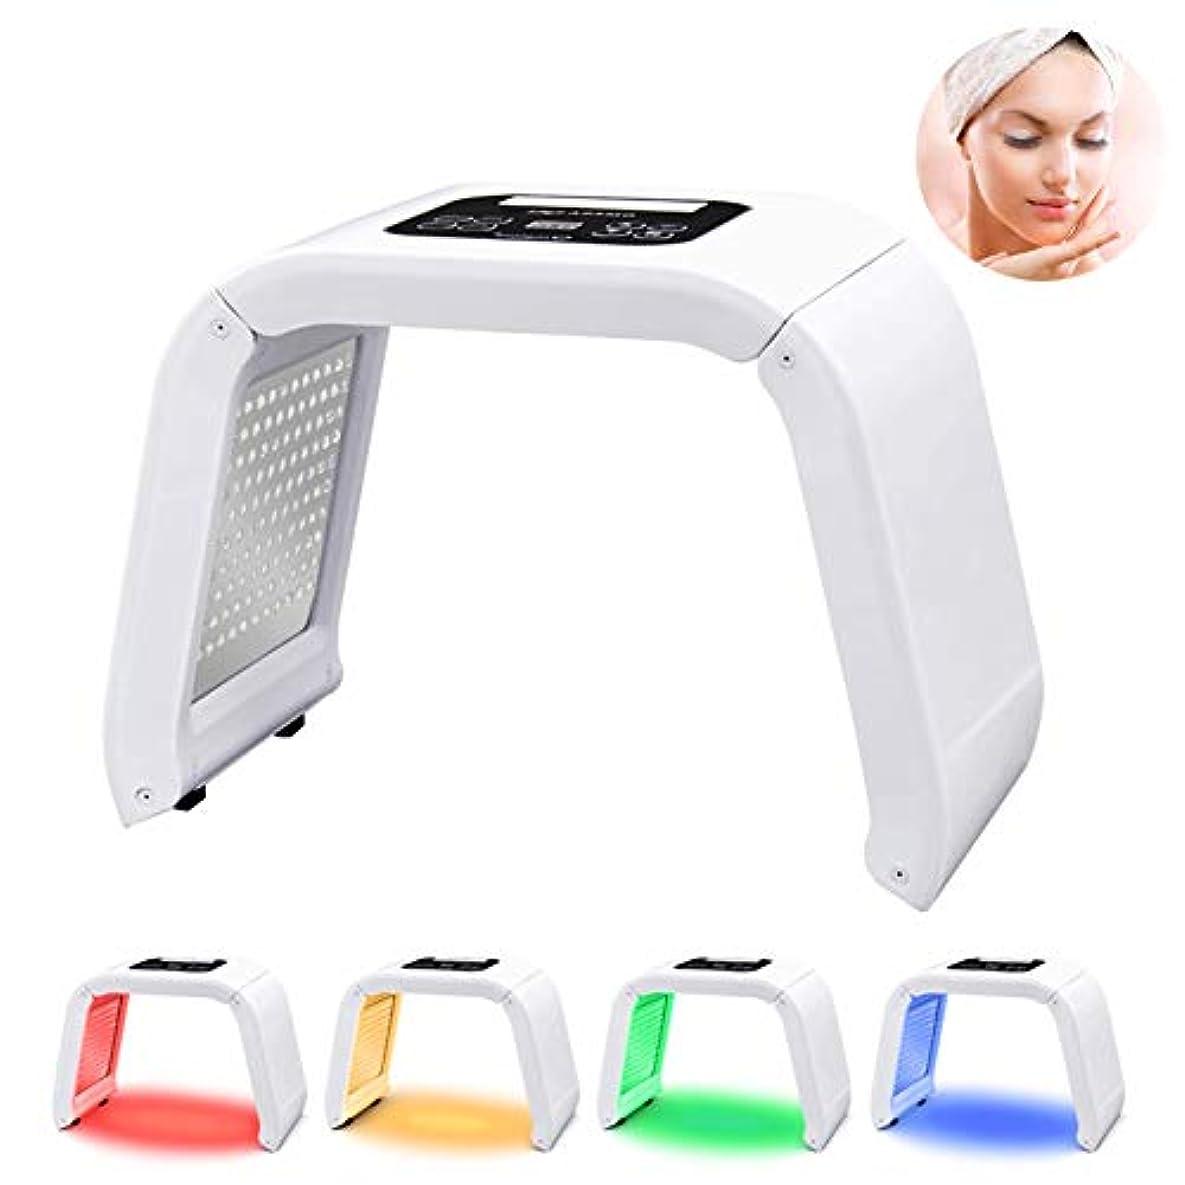 繕う忌避剤居眠りするPDT 4-In-1 LEDライト光線療法電気スキンケア美容装置家庭用多機能体の美容スキンケア分光器のマシン女性のための完璧なギフト